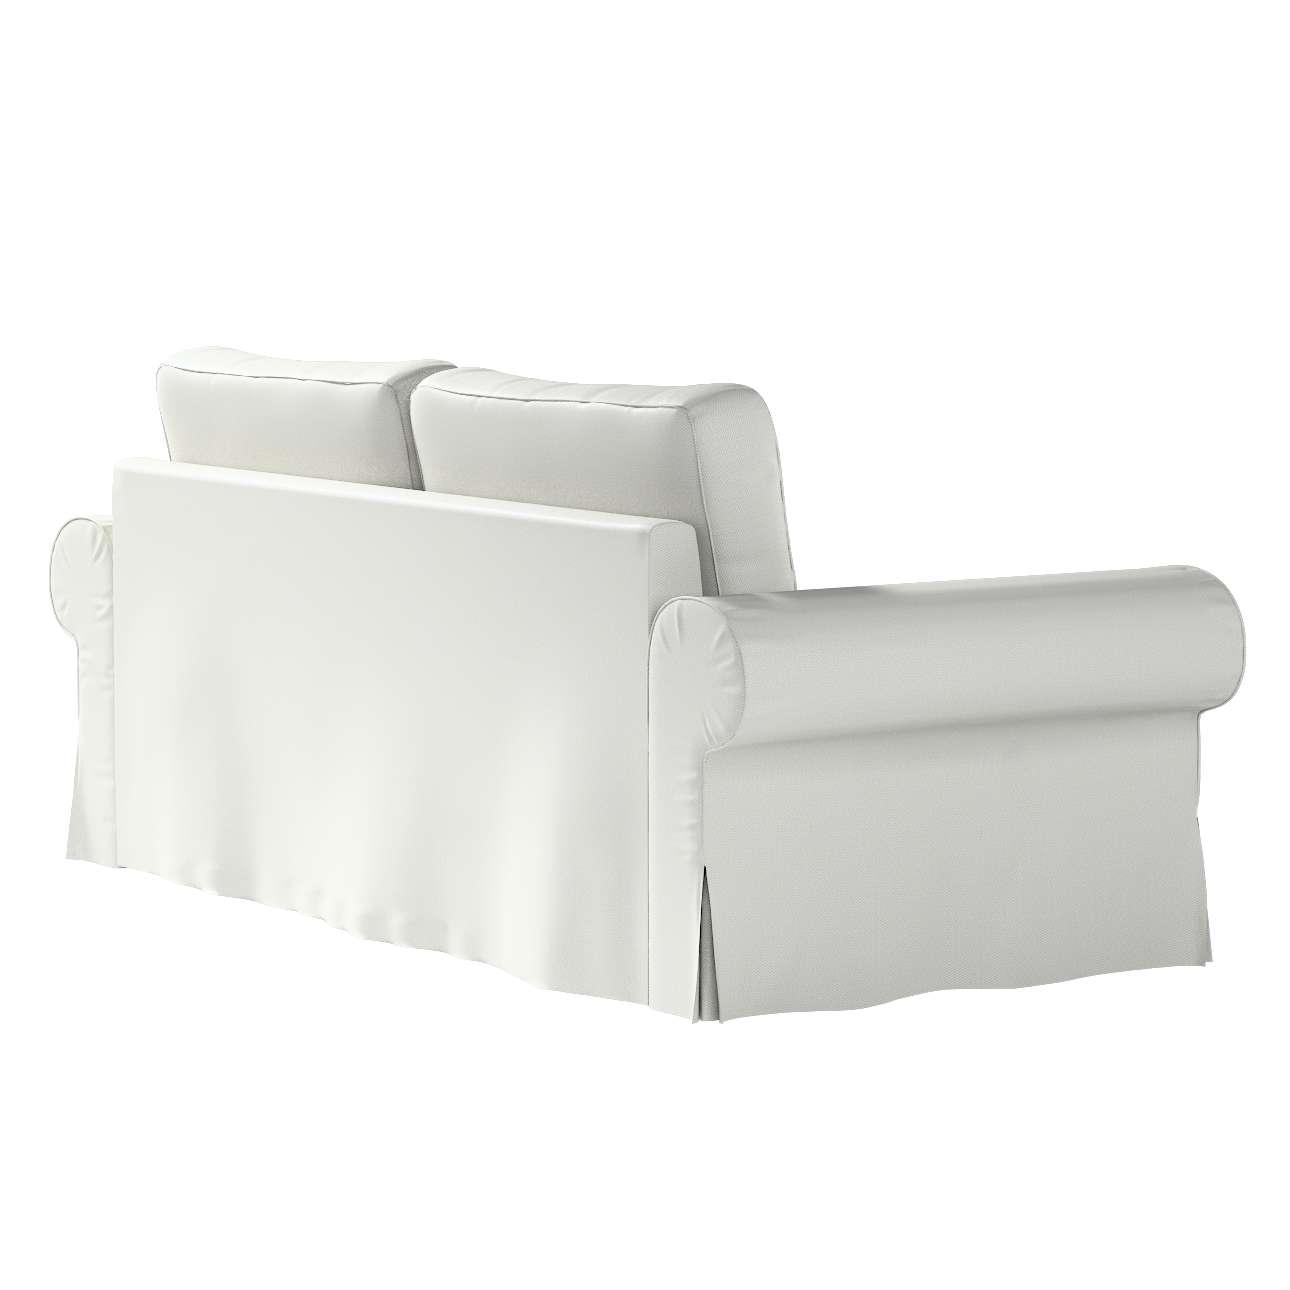 Bezug für Backabro 3-Sitzer Sofa ausklappbar von der Kollektion Bergen, Stoff: 161-84